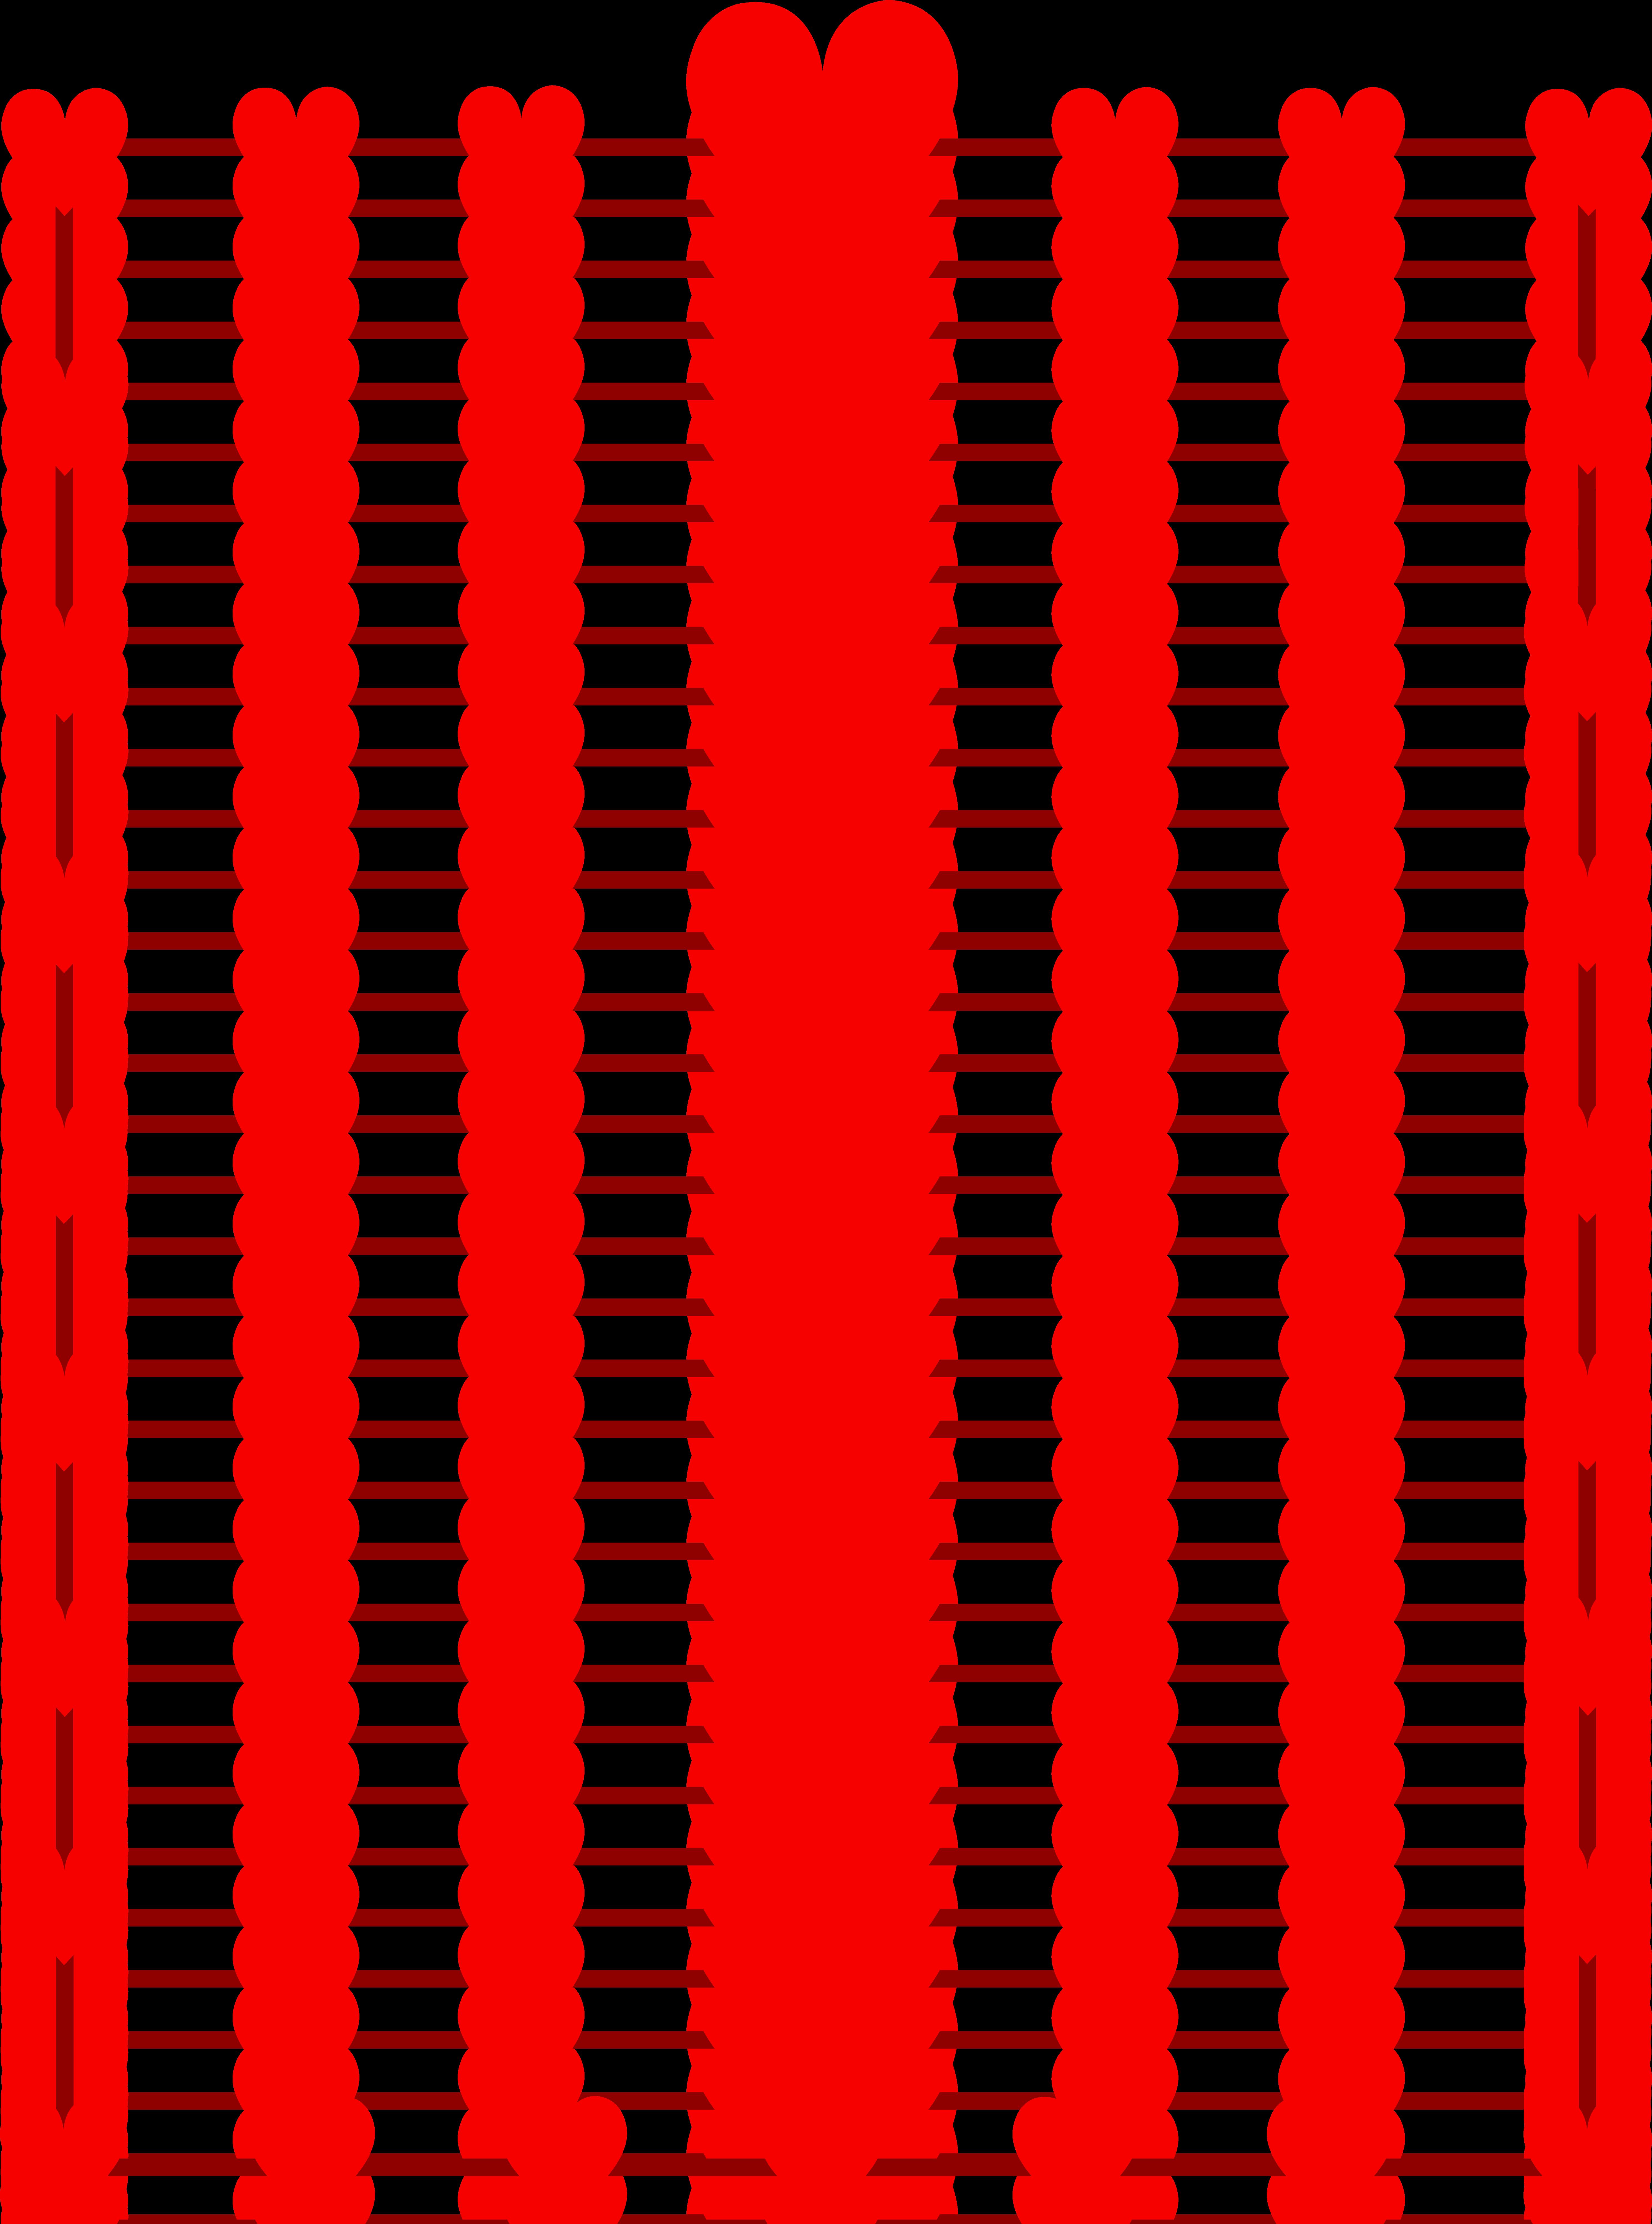 Clipart Valentines Day Border. 016f9984e-Clipart Valentines Day Border. 016f9984ef901e2d56278ccfc27cee .-2